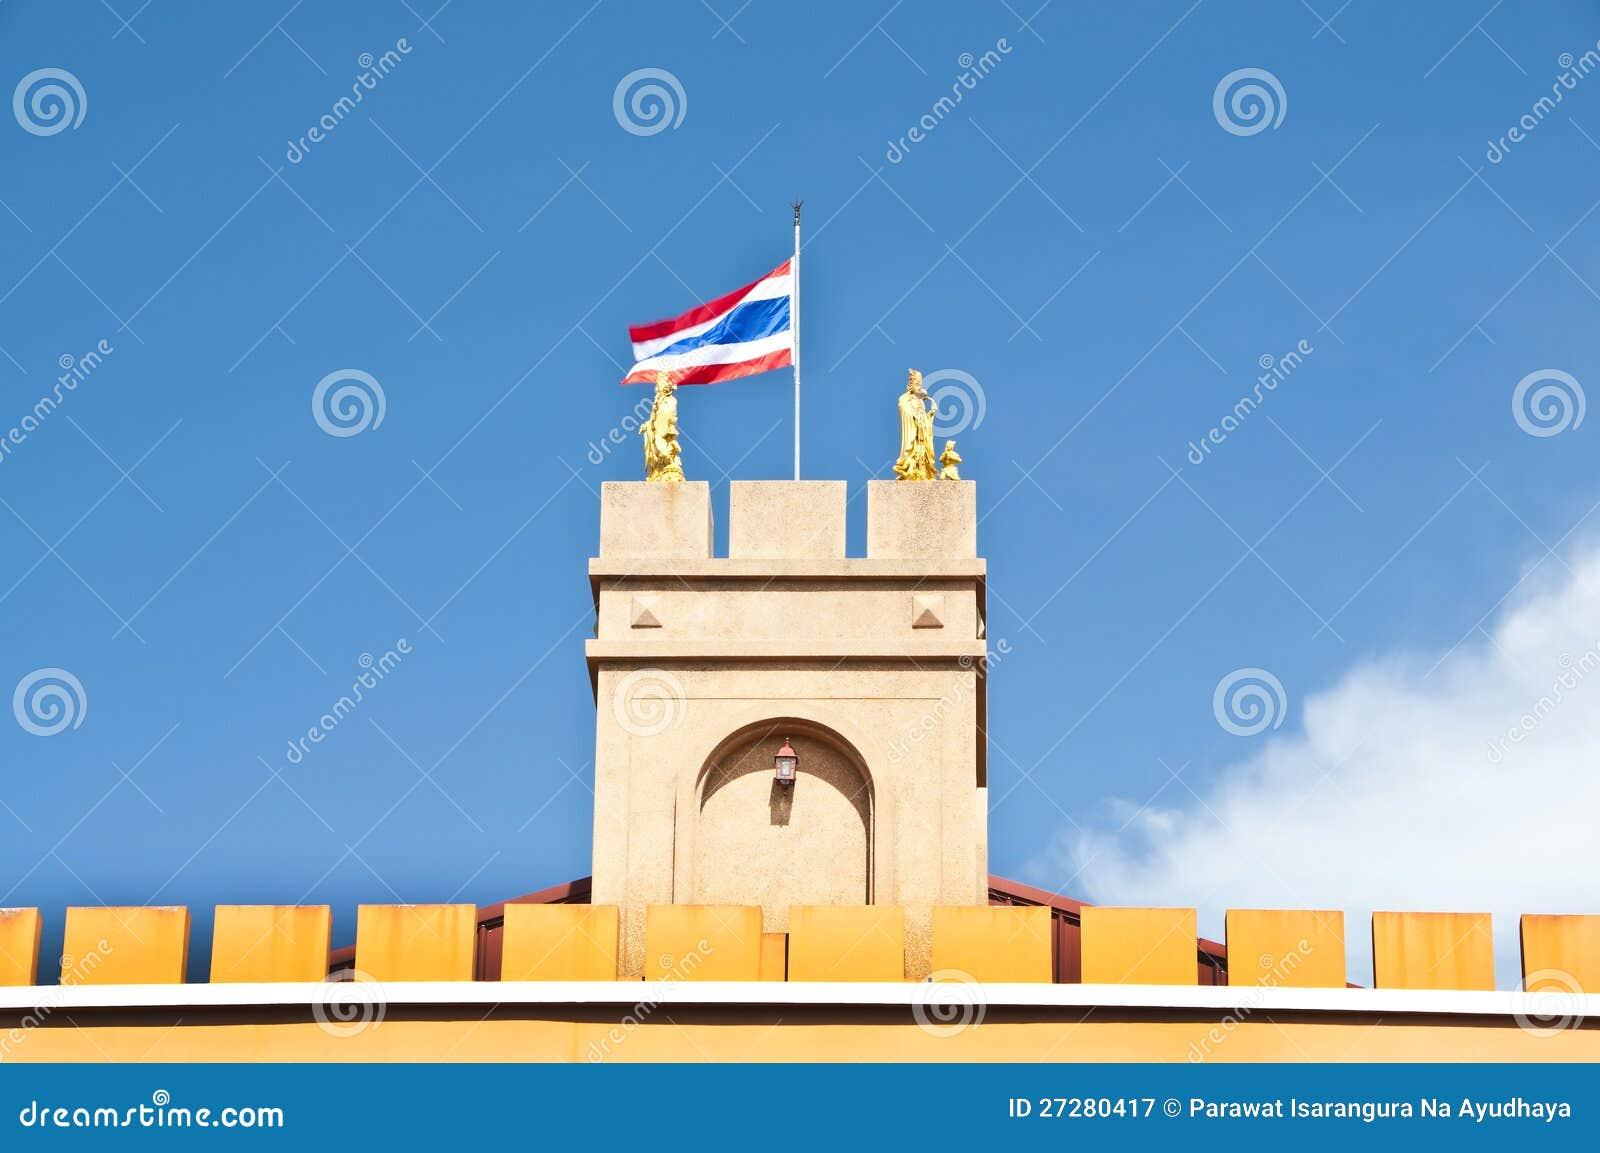 Thailändsk flagga på tornet.